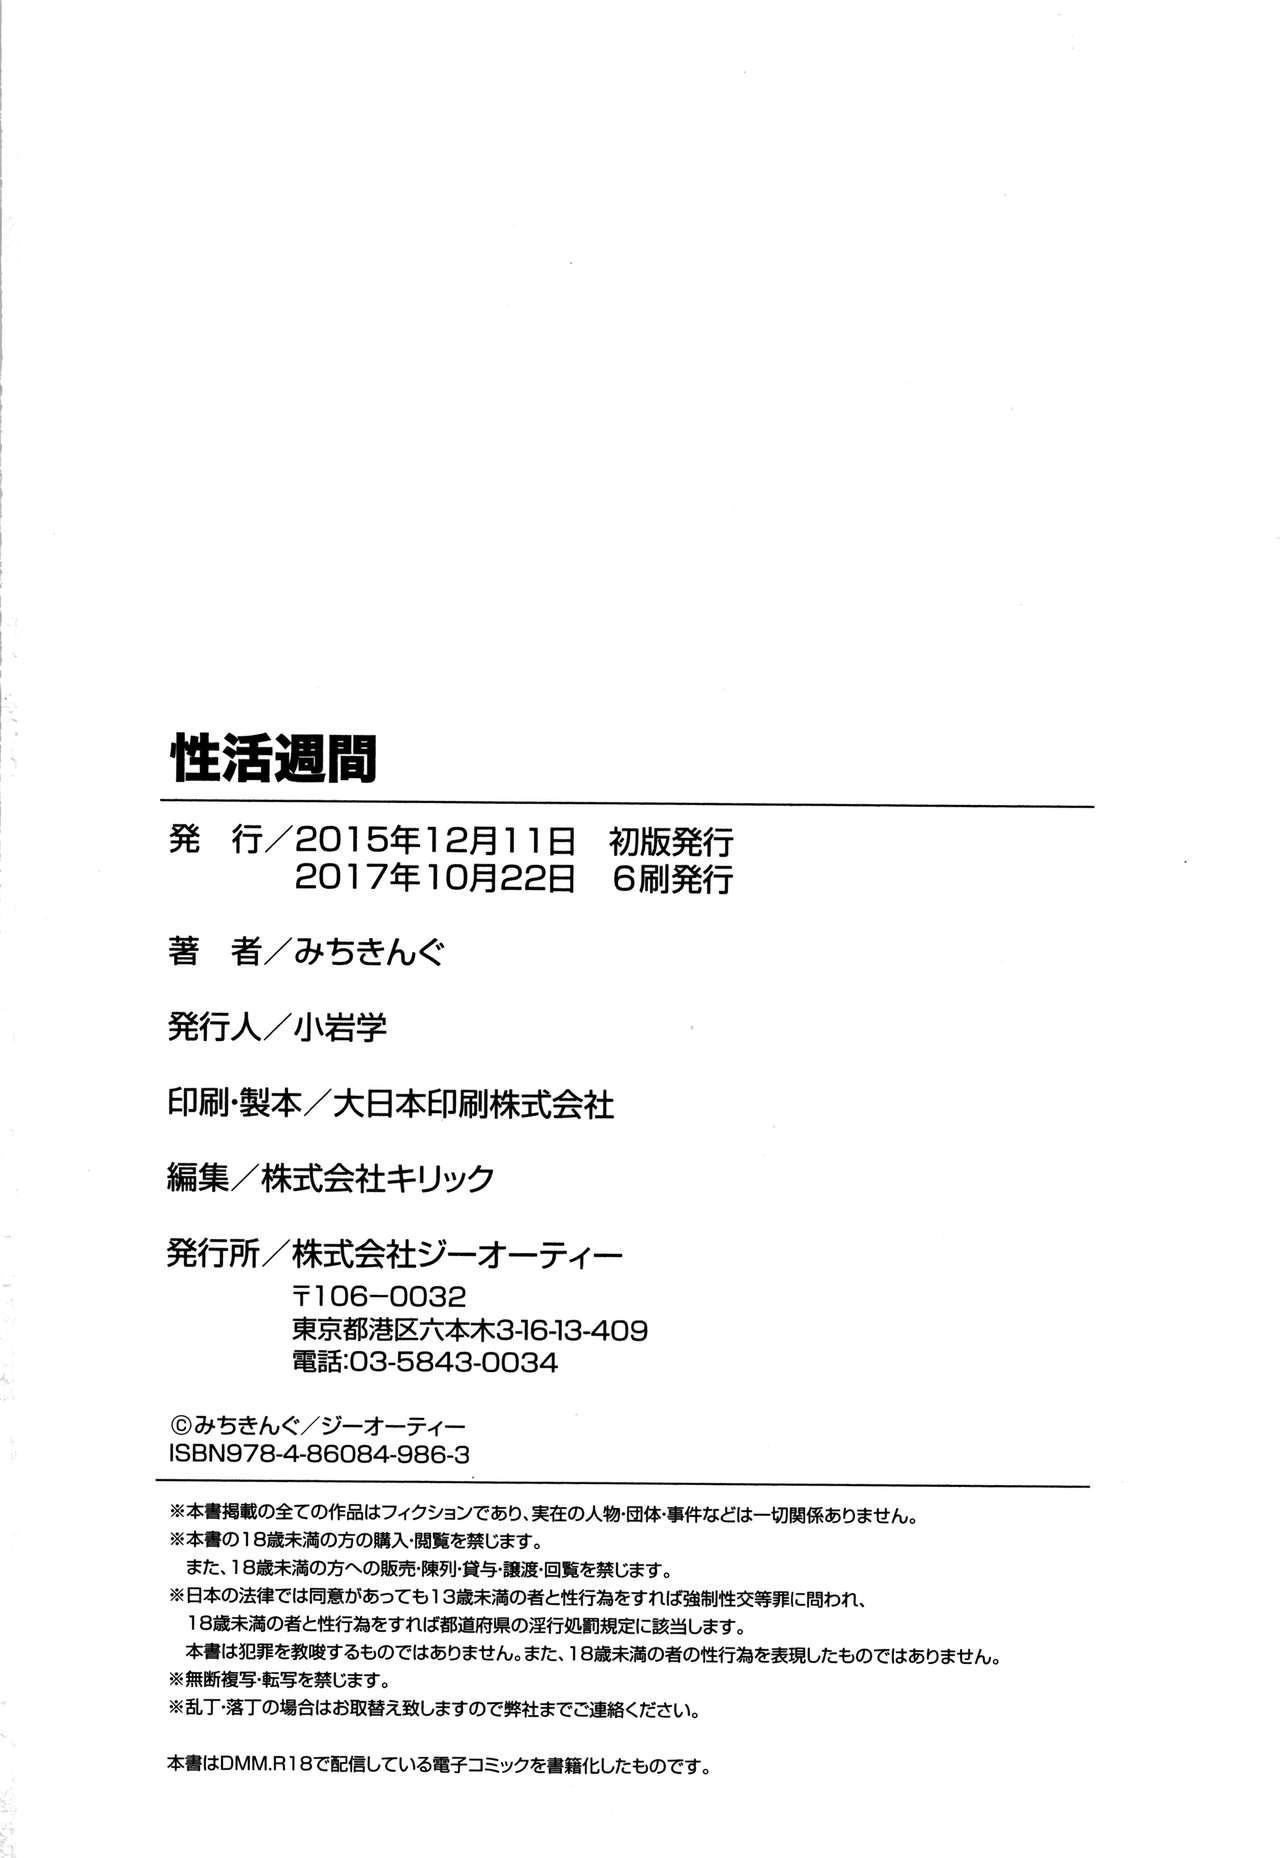 Seikatsu Shuukan 201